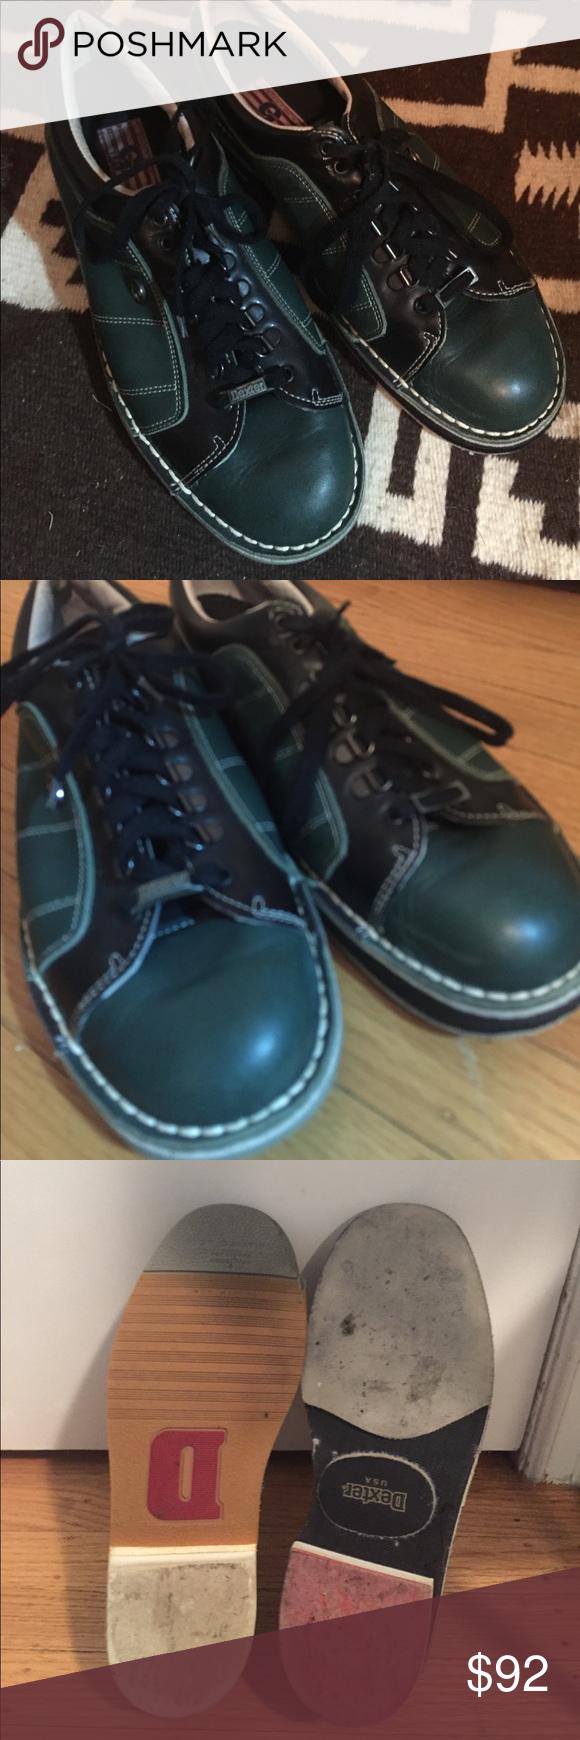 Vintage Bowling Shoes (Dexter SST 5